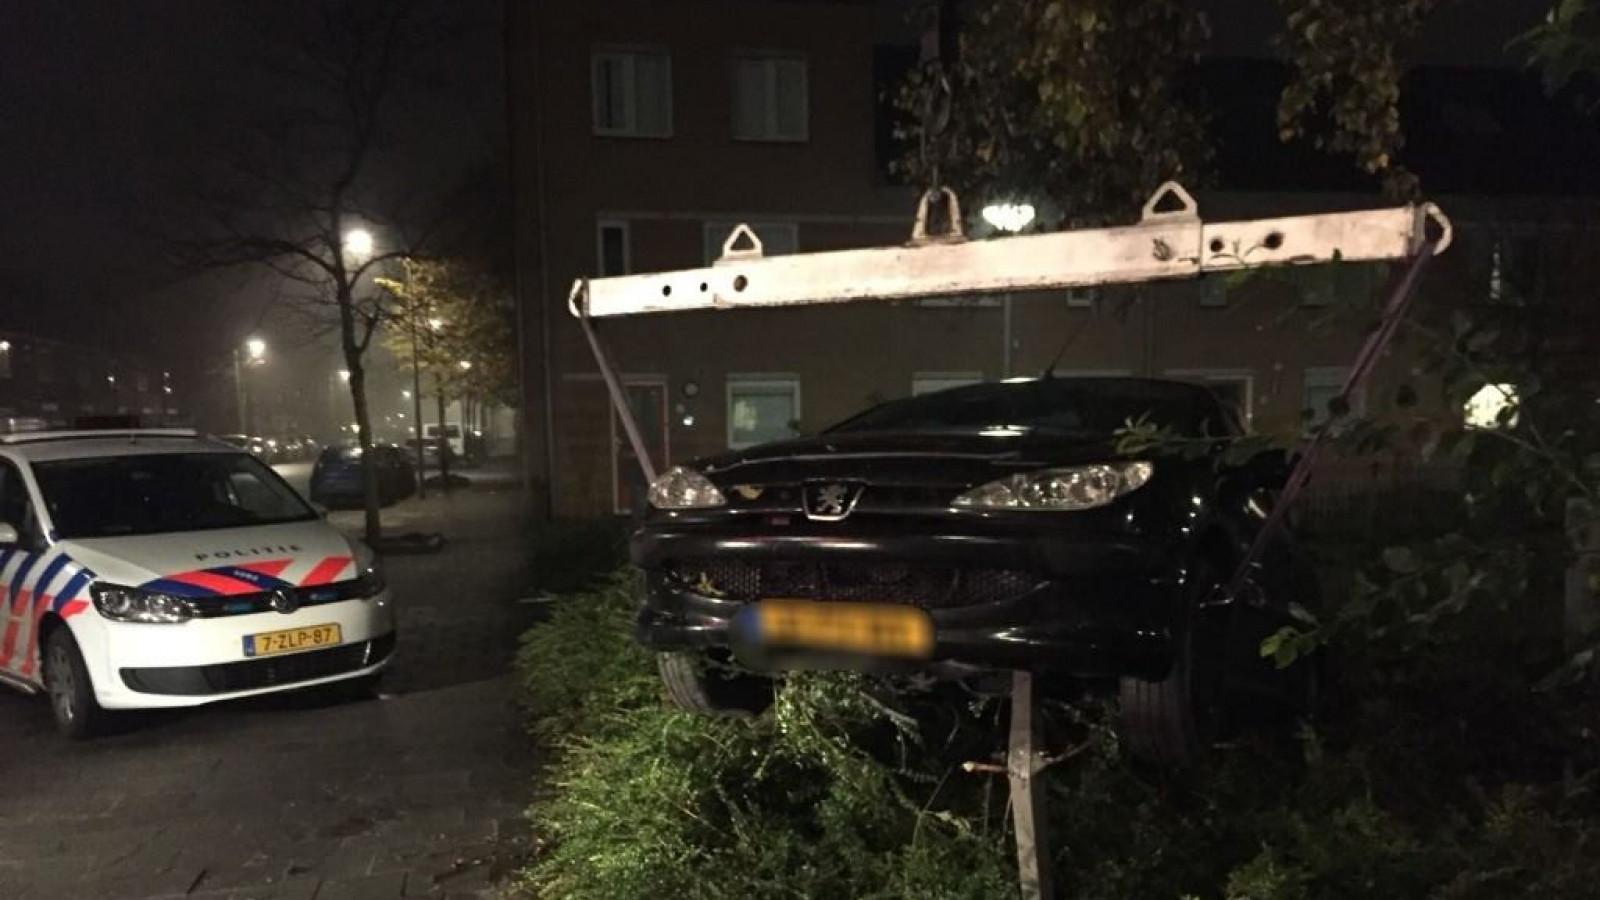 Politie Amsterdam Nieuw West